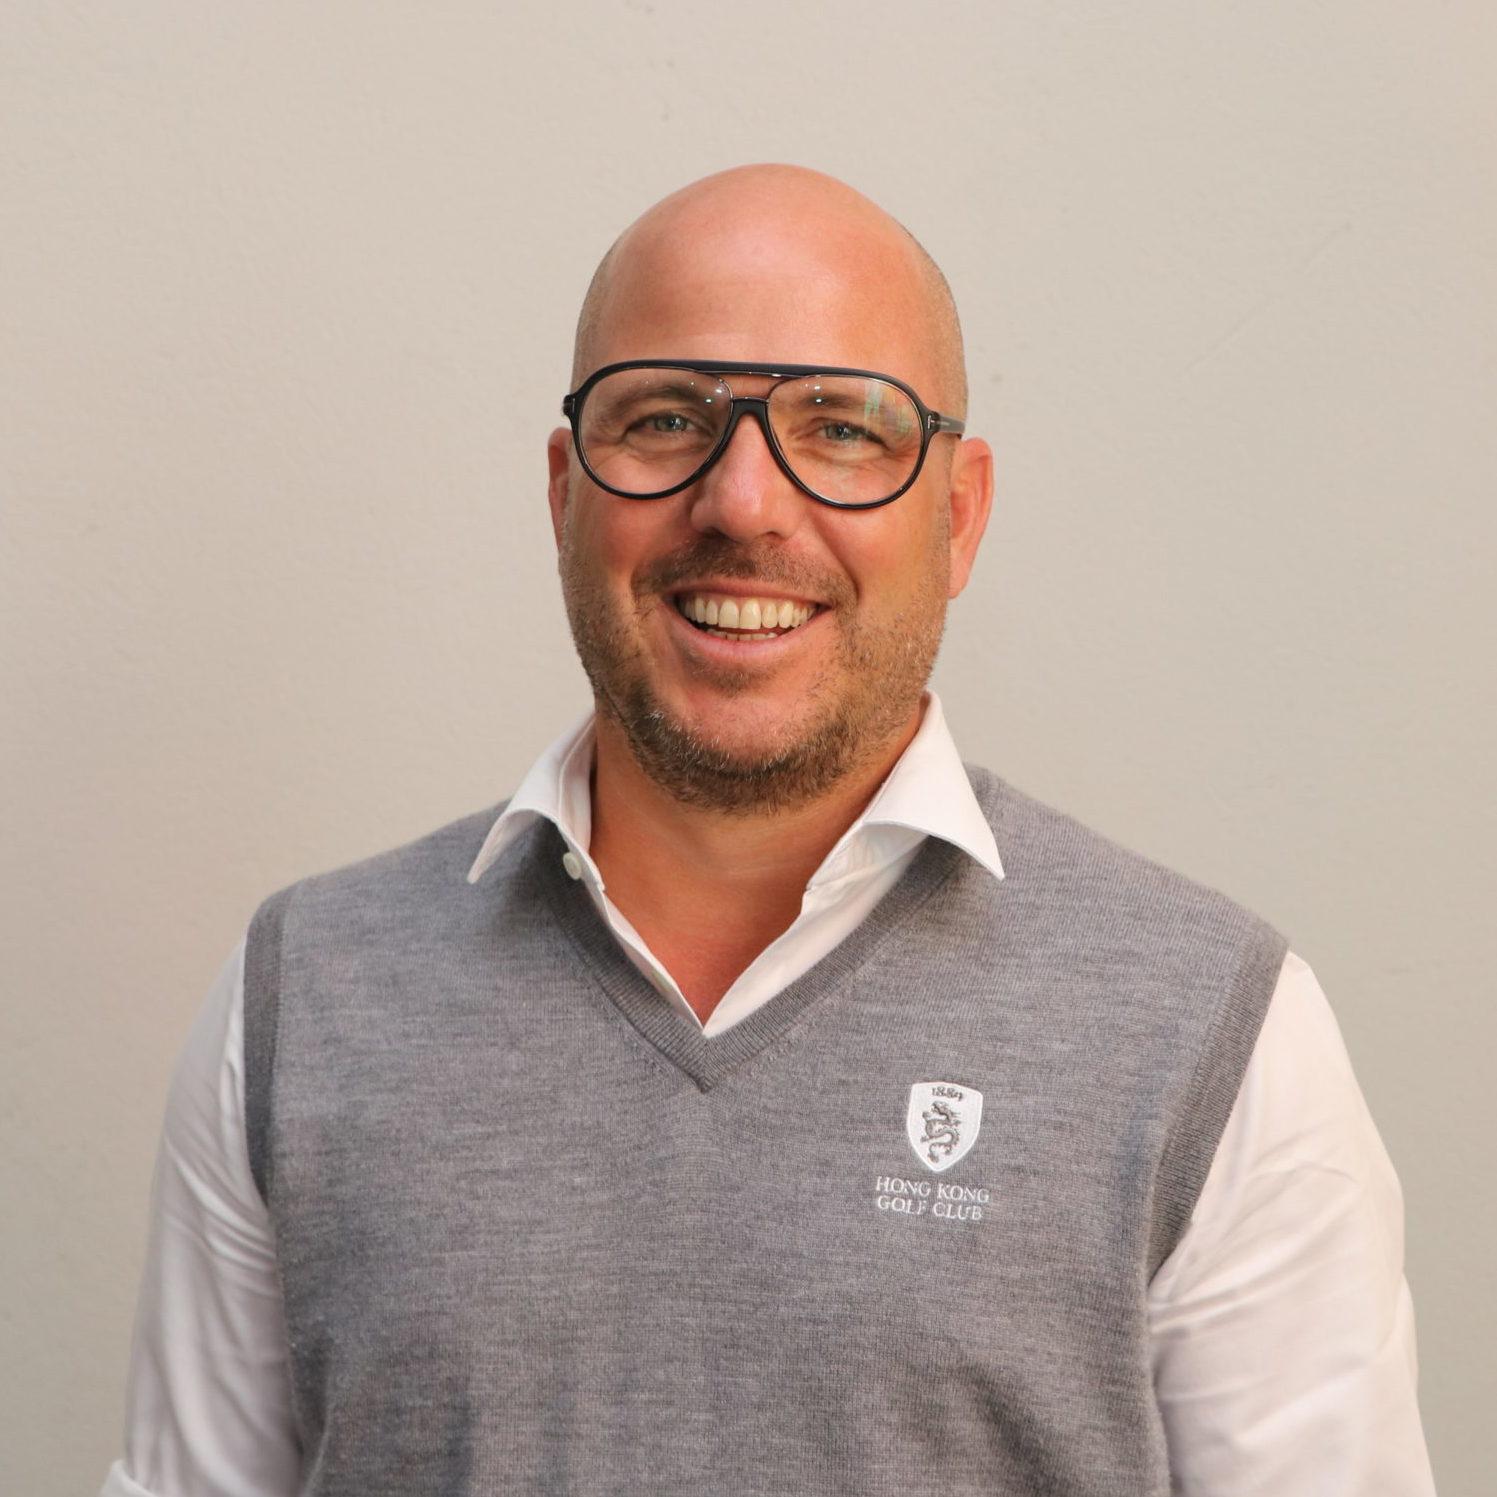 Christoph Sonnen